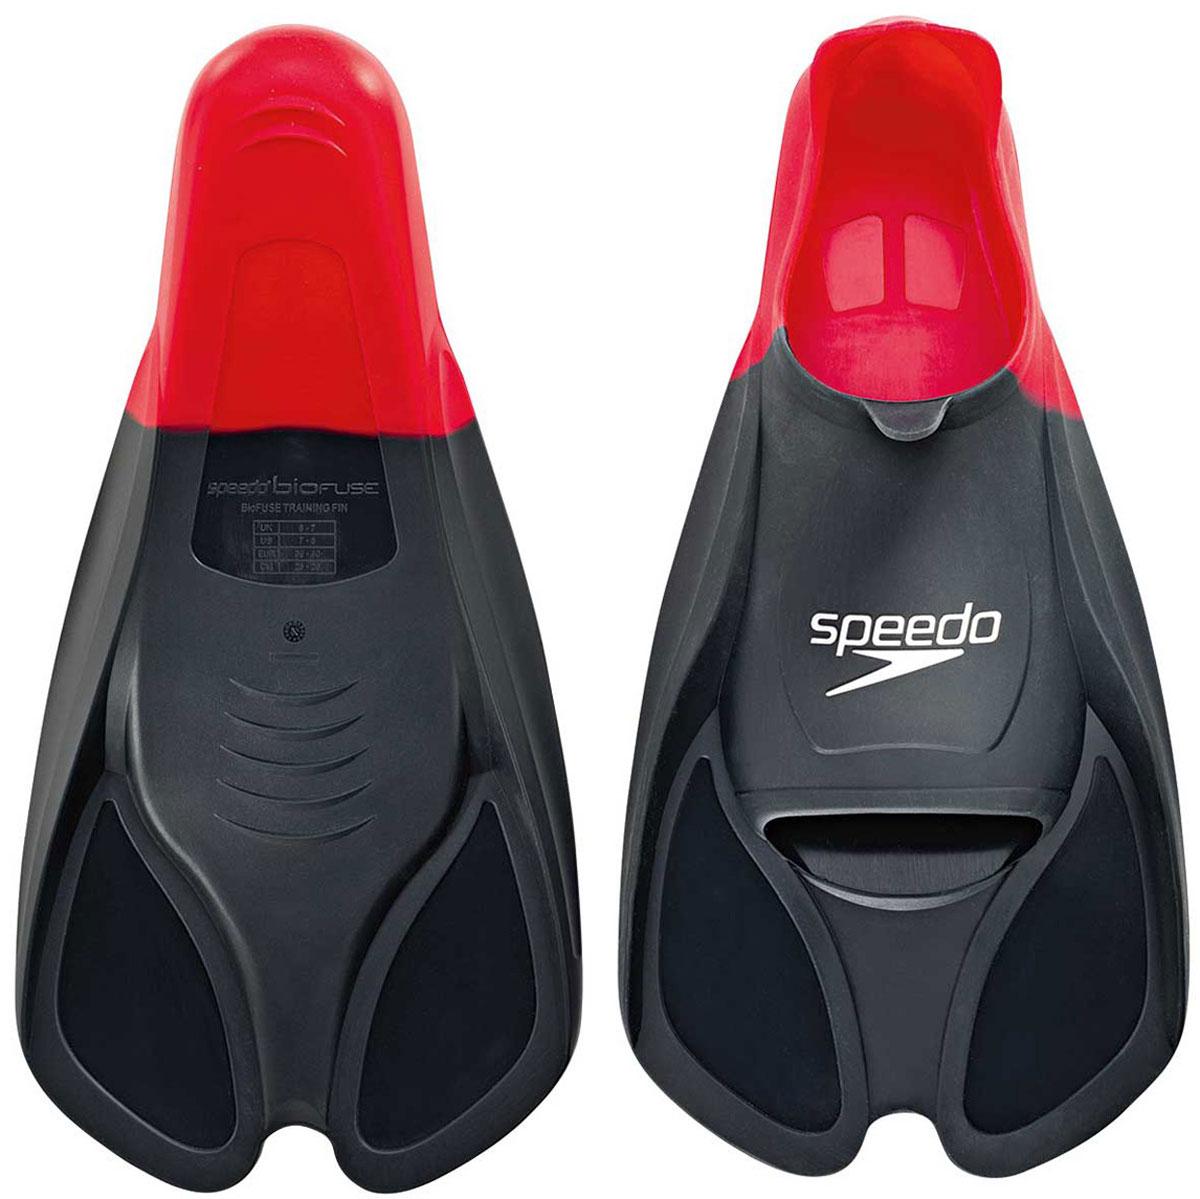 Ласты для плавания Speedo, цвет: красный. Размер 4-5. 8-088413991